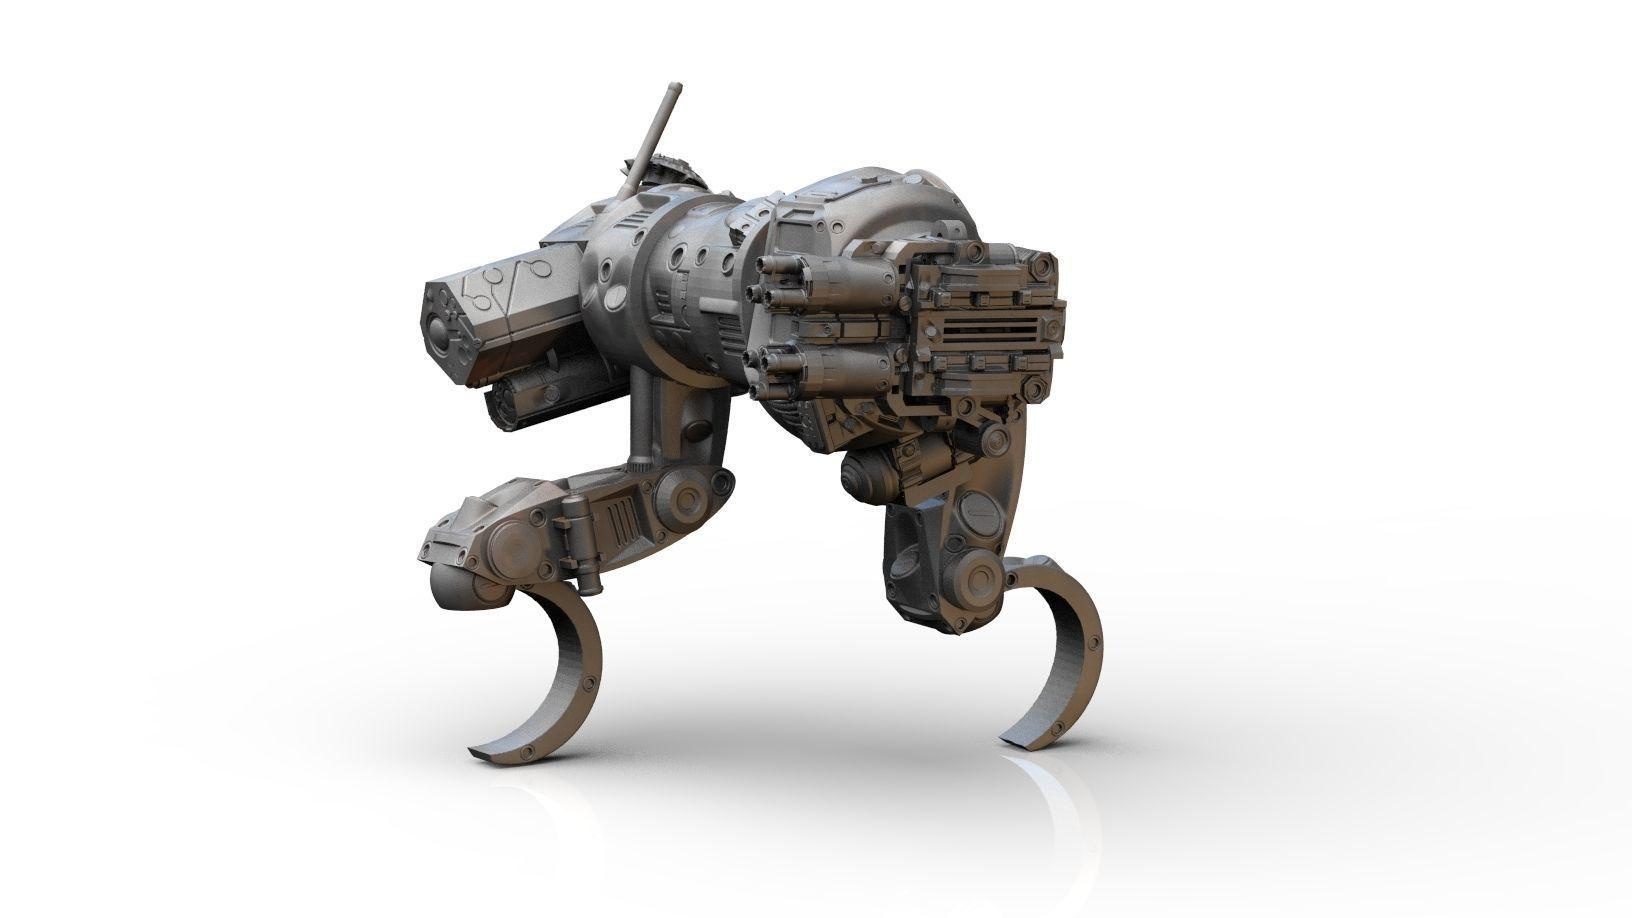 Sabueso All terrain military mech vehicle